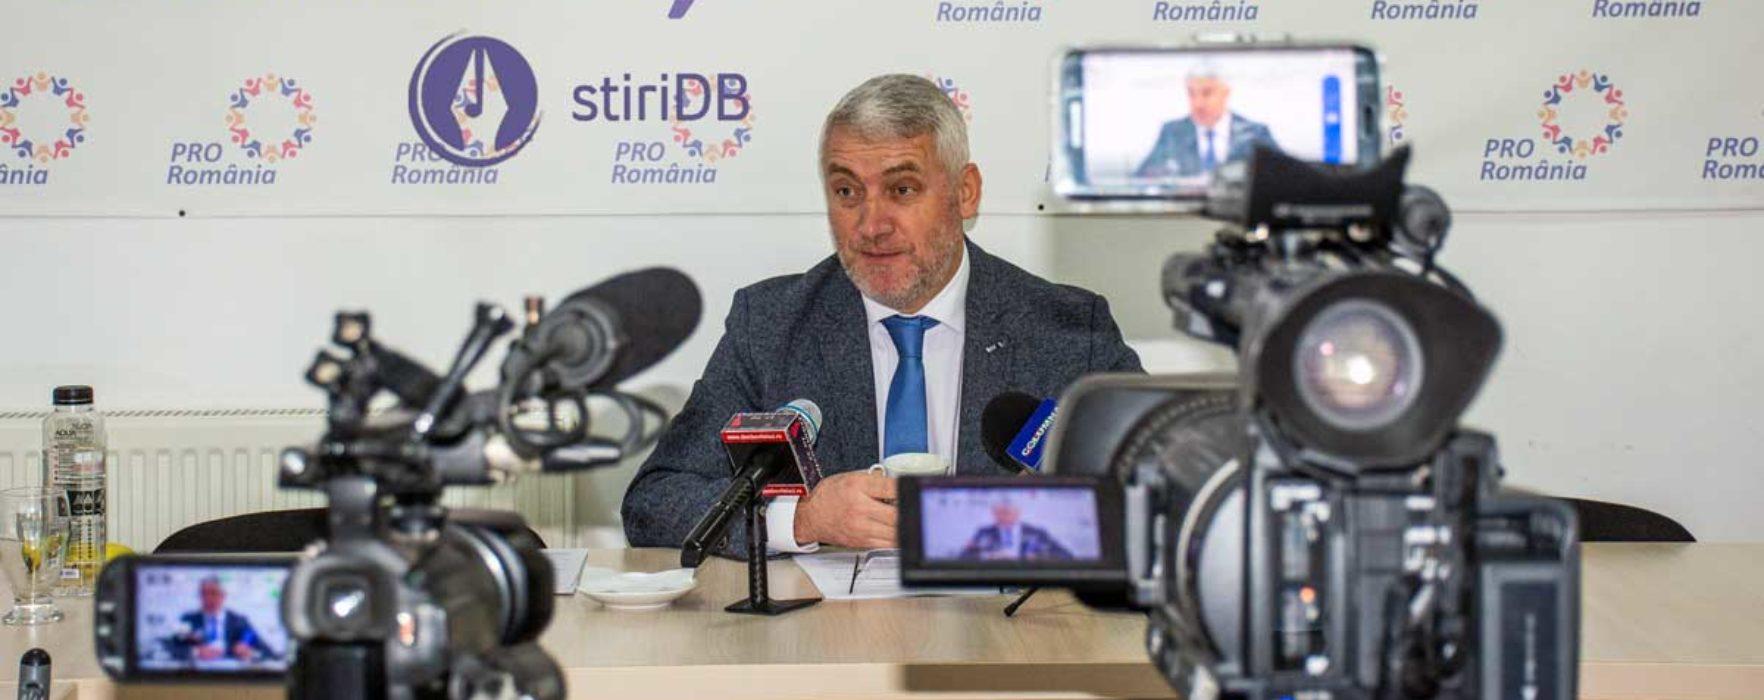 Adrian Țuțuianu și-a anunțat candidatura la Consiliul Județean Dâmbovița